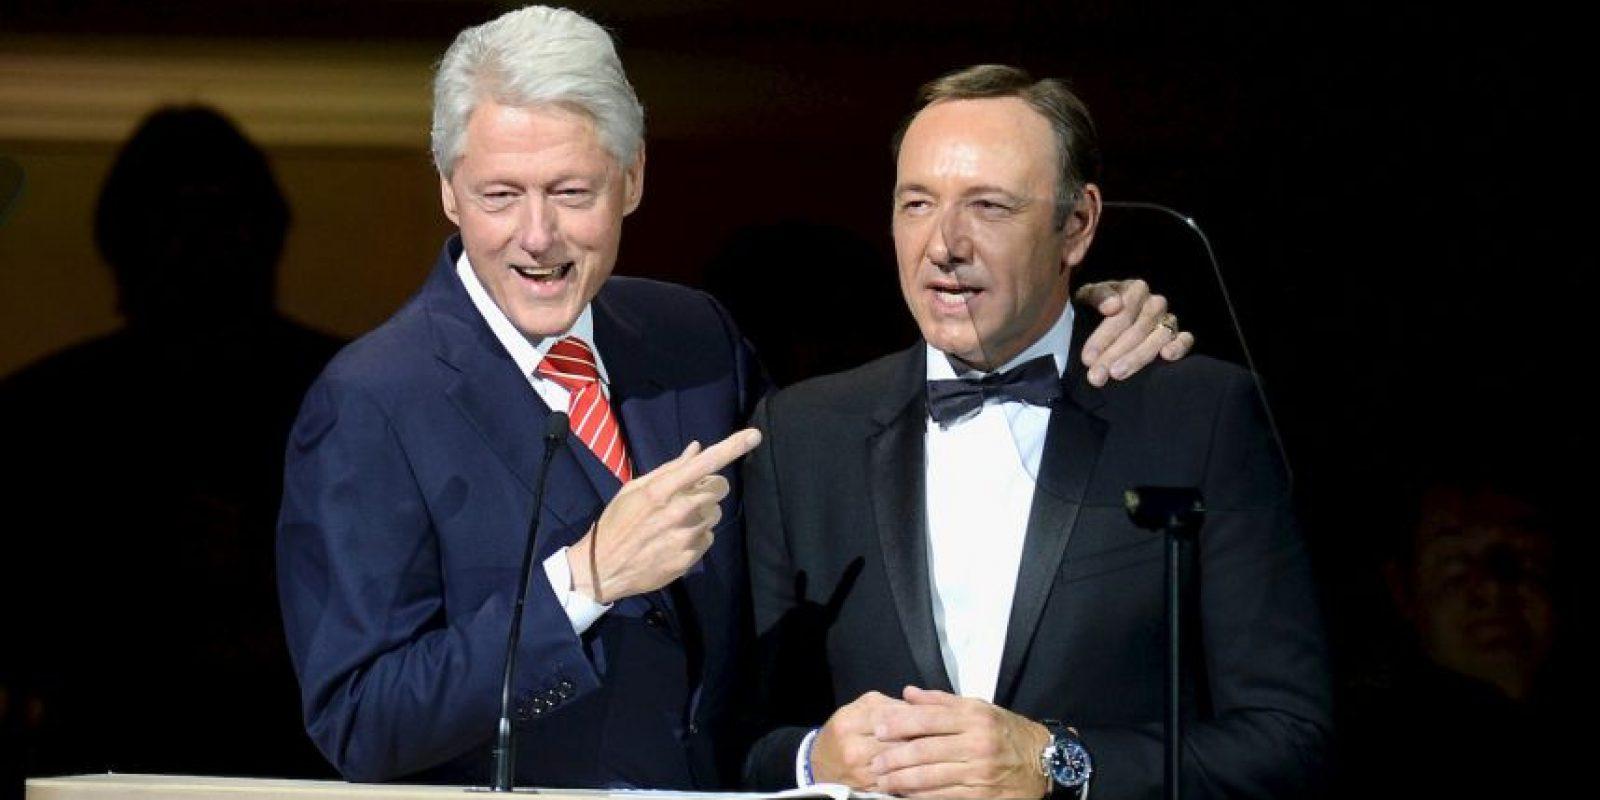 8. El entonces mandatario negó haber tenido relaciones sexuales con Lewinsky. Foto:Getty